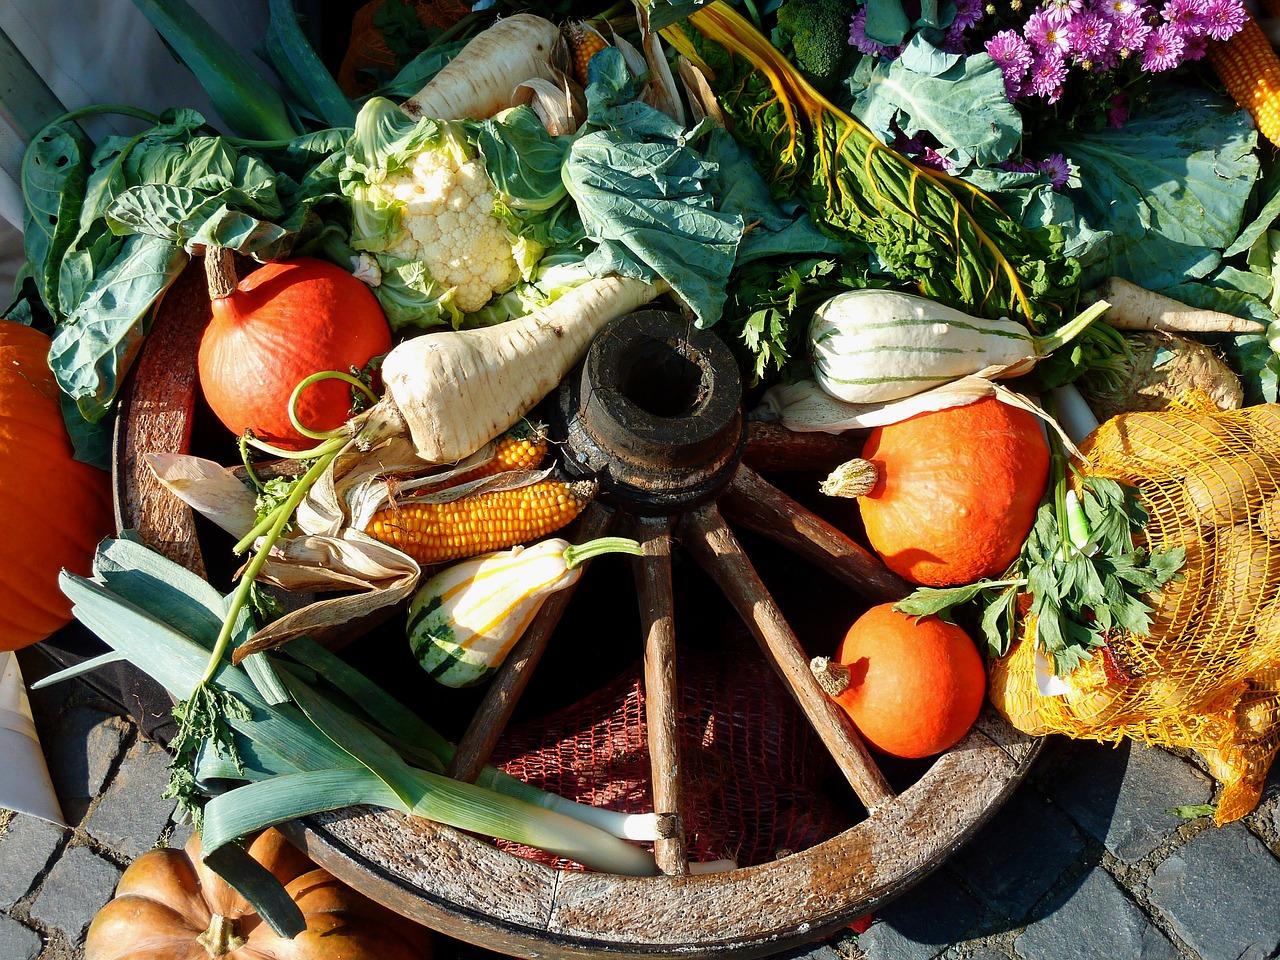 vegetables-1695831_1280